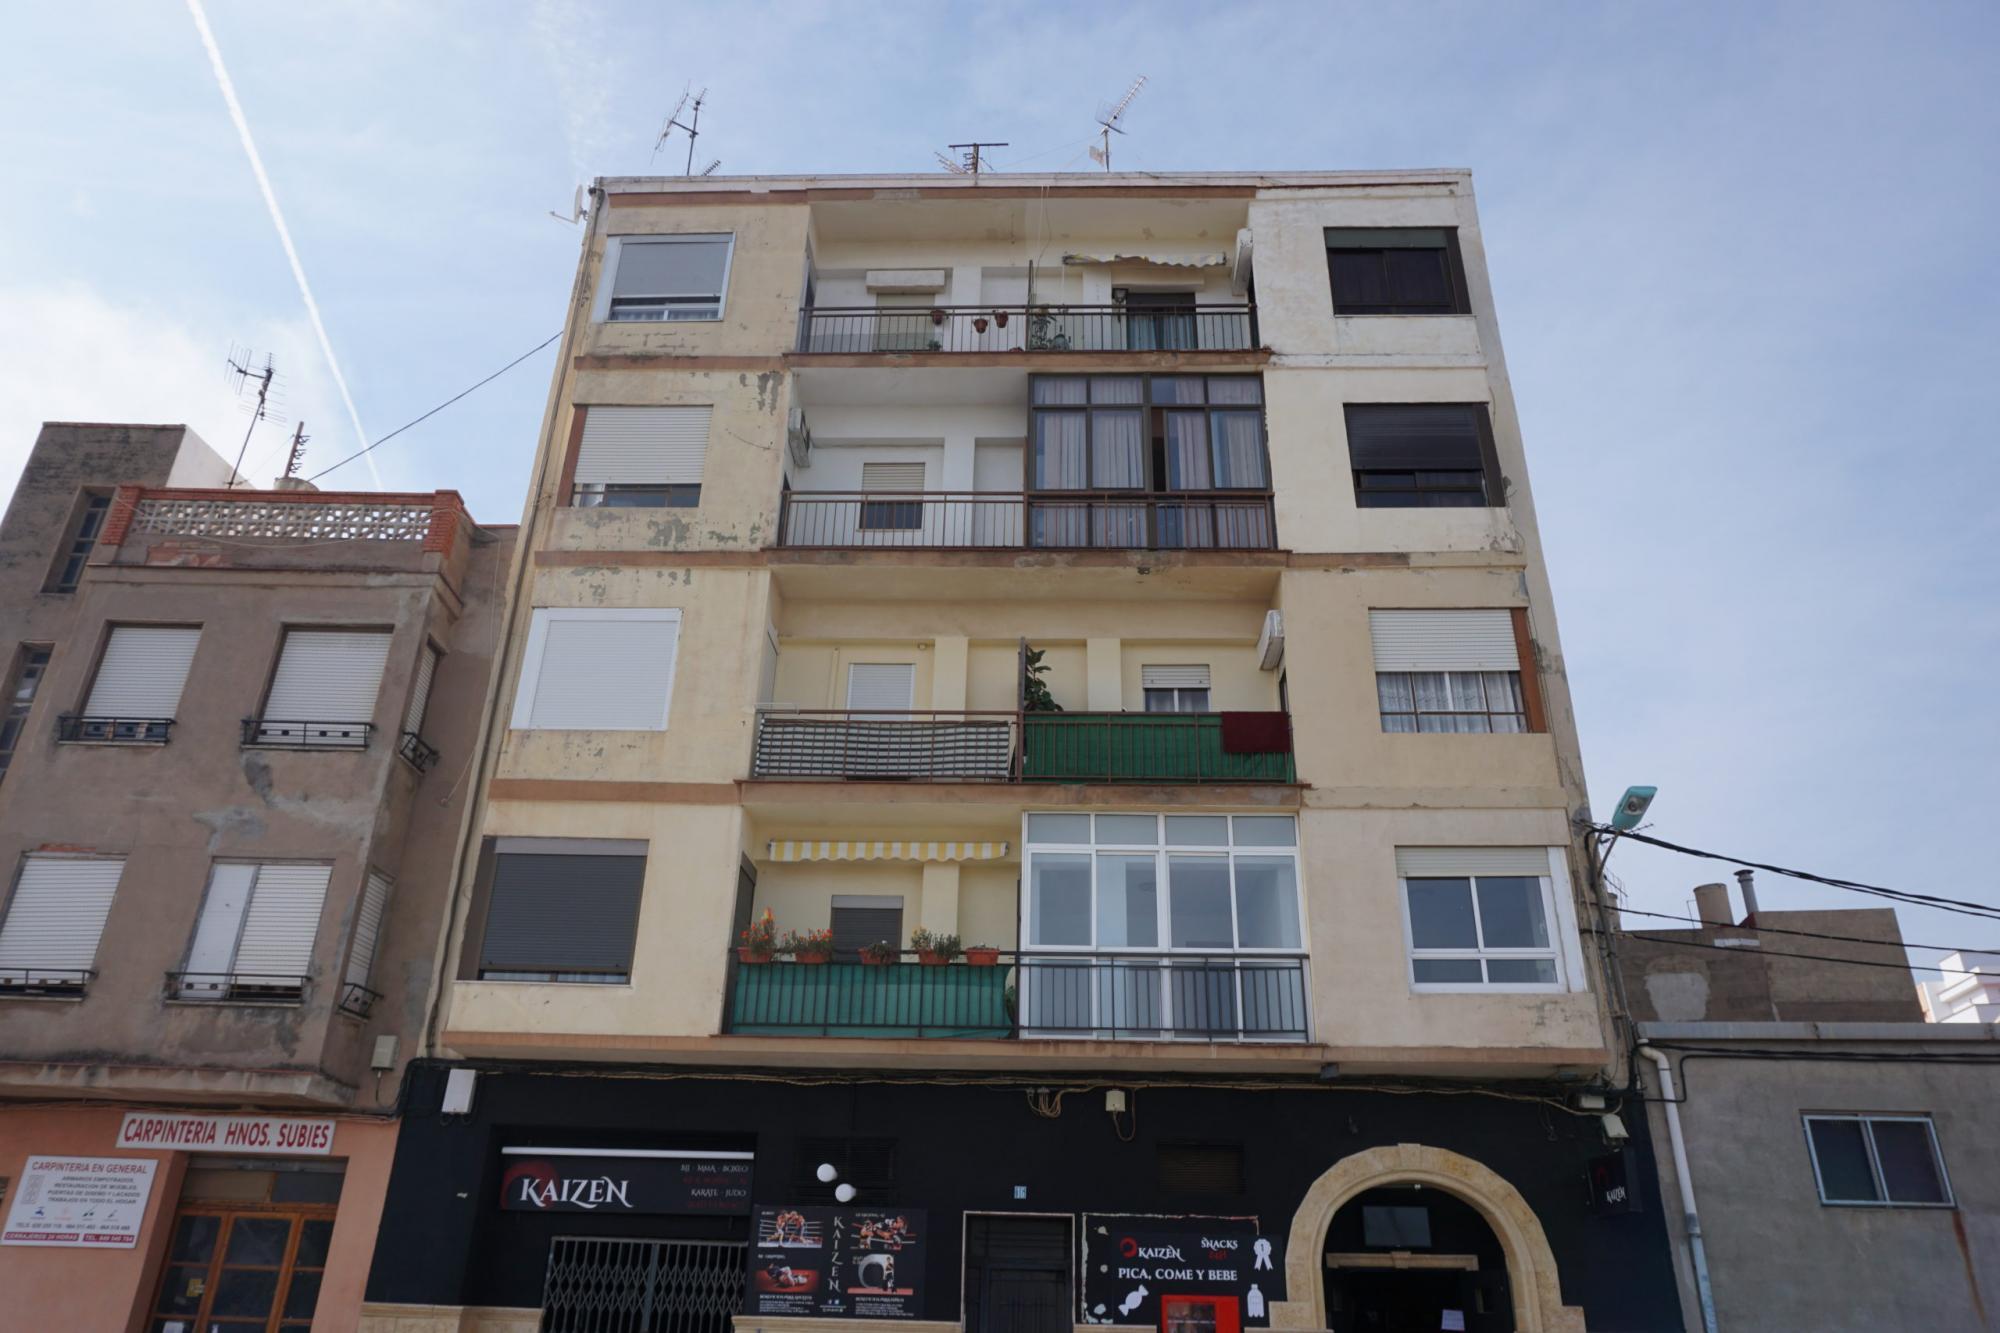 Piso en venta en Burriana (Castellón) zona Camino de Onda